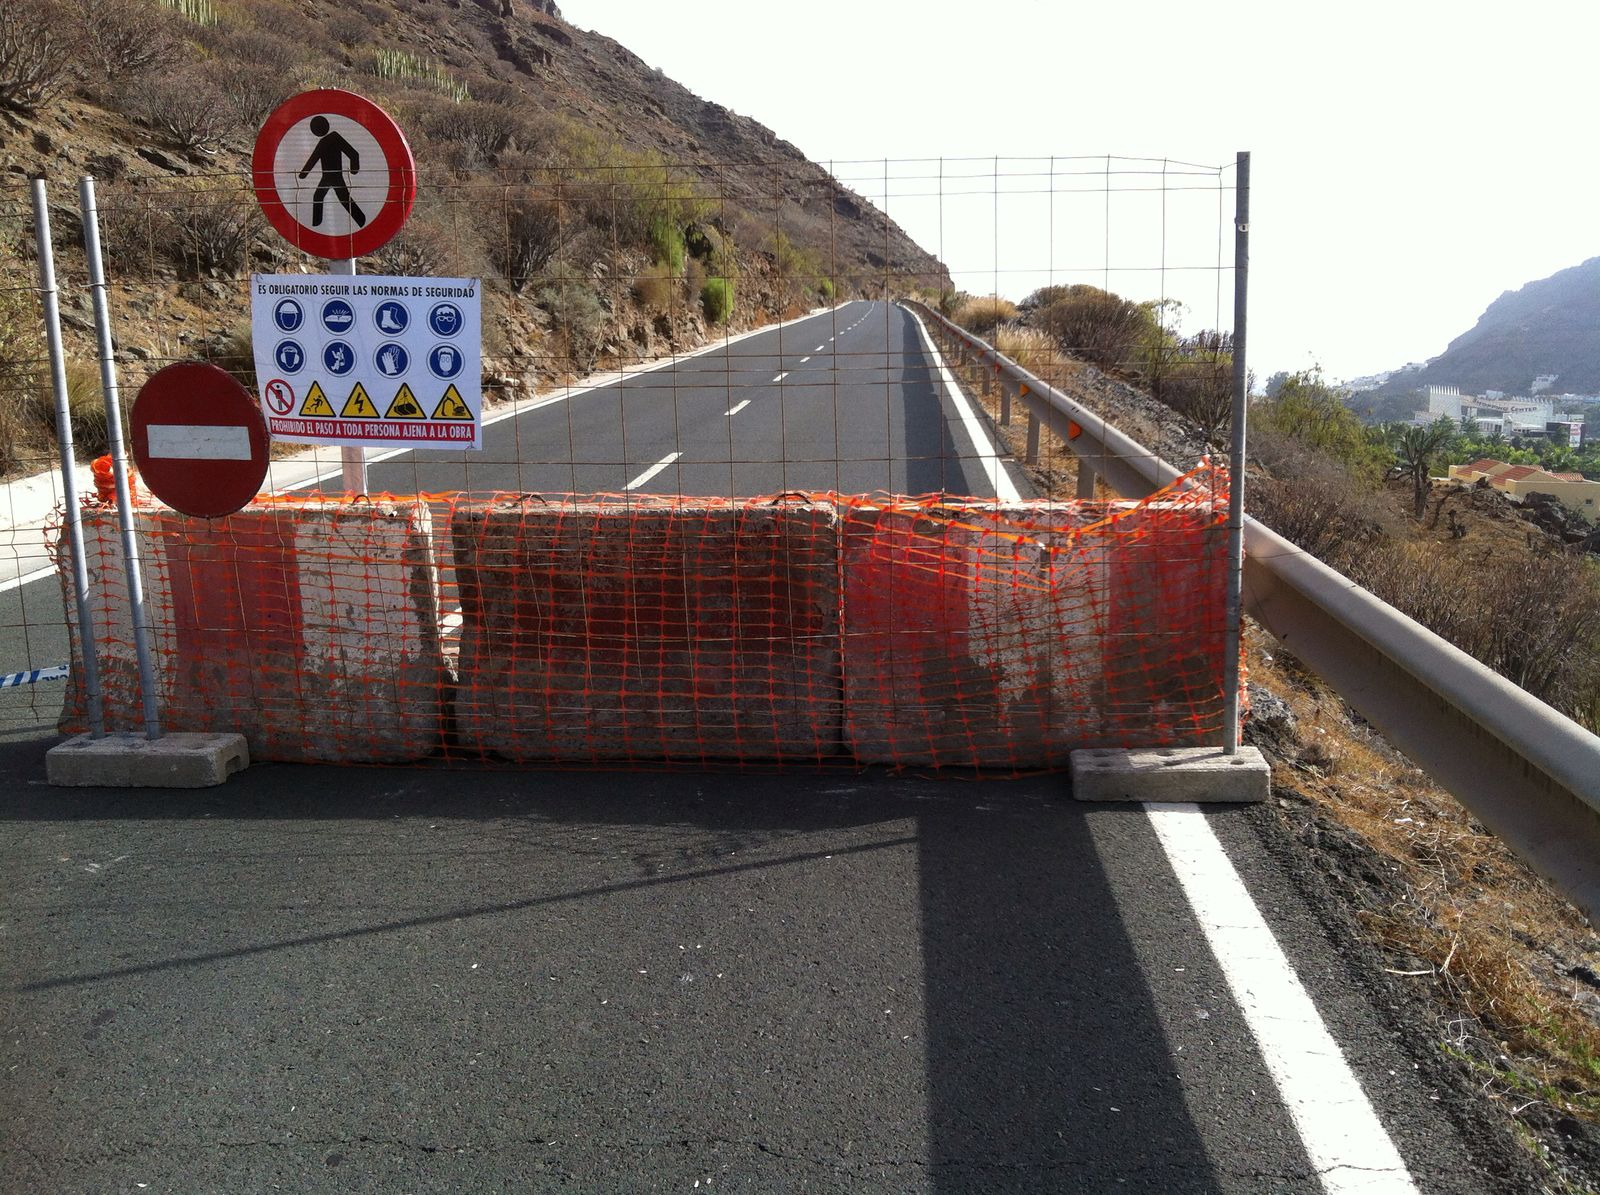 Carretera cortada con vallas